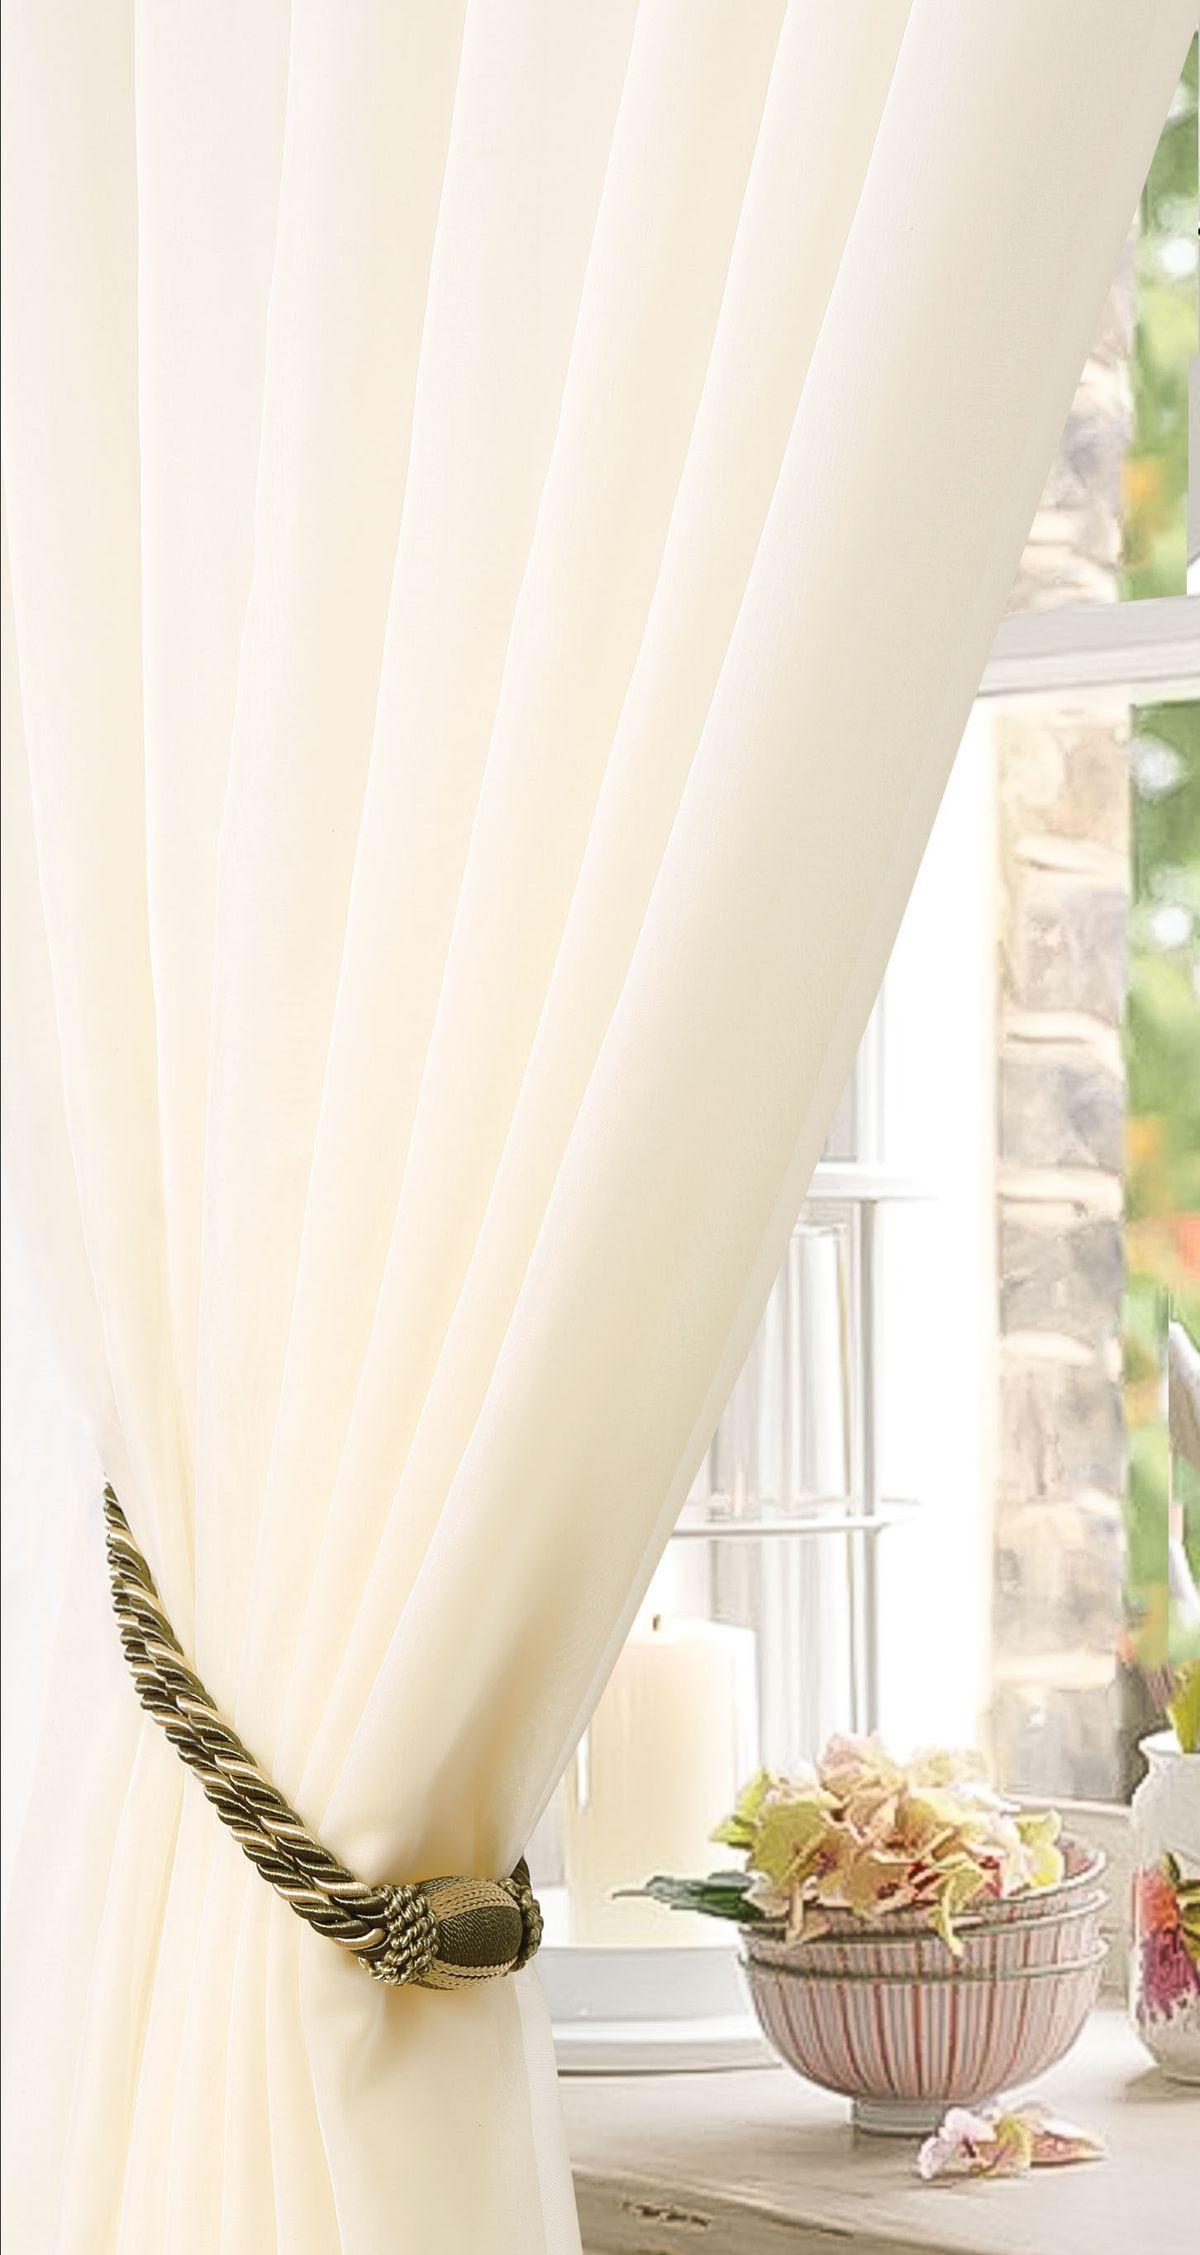 Штора готовая Garden, на ленте, цвет: бежевый, высота 270 см. С W191 450х270 V71002705476Тюлевая штора для гостиной Garden выполнена из легкой ткани - вуаль. Она станет великолепным украшением любого окна.Воздушная ткань и приятная текстура создаст неповторимую атмосферу в вашем доме. Штора крепится на карниз при помощи ленты, которая поможет красиво и равномерно задрапировать верх.